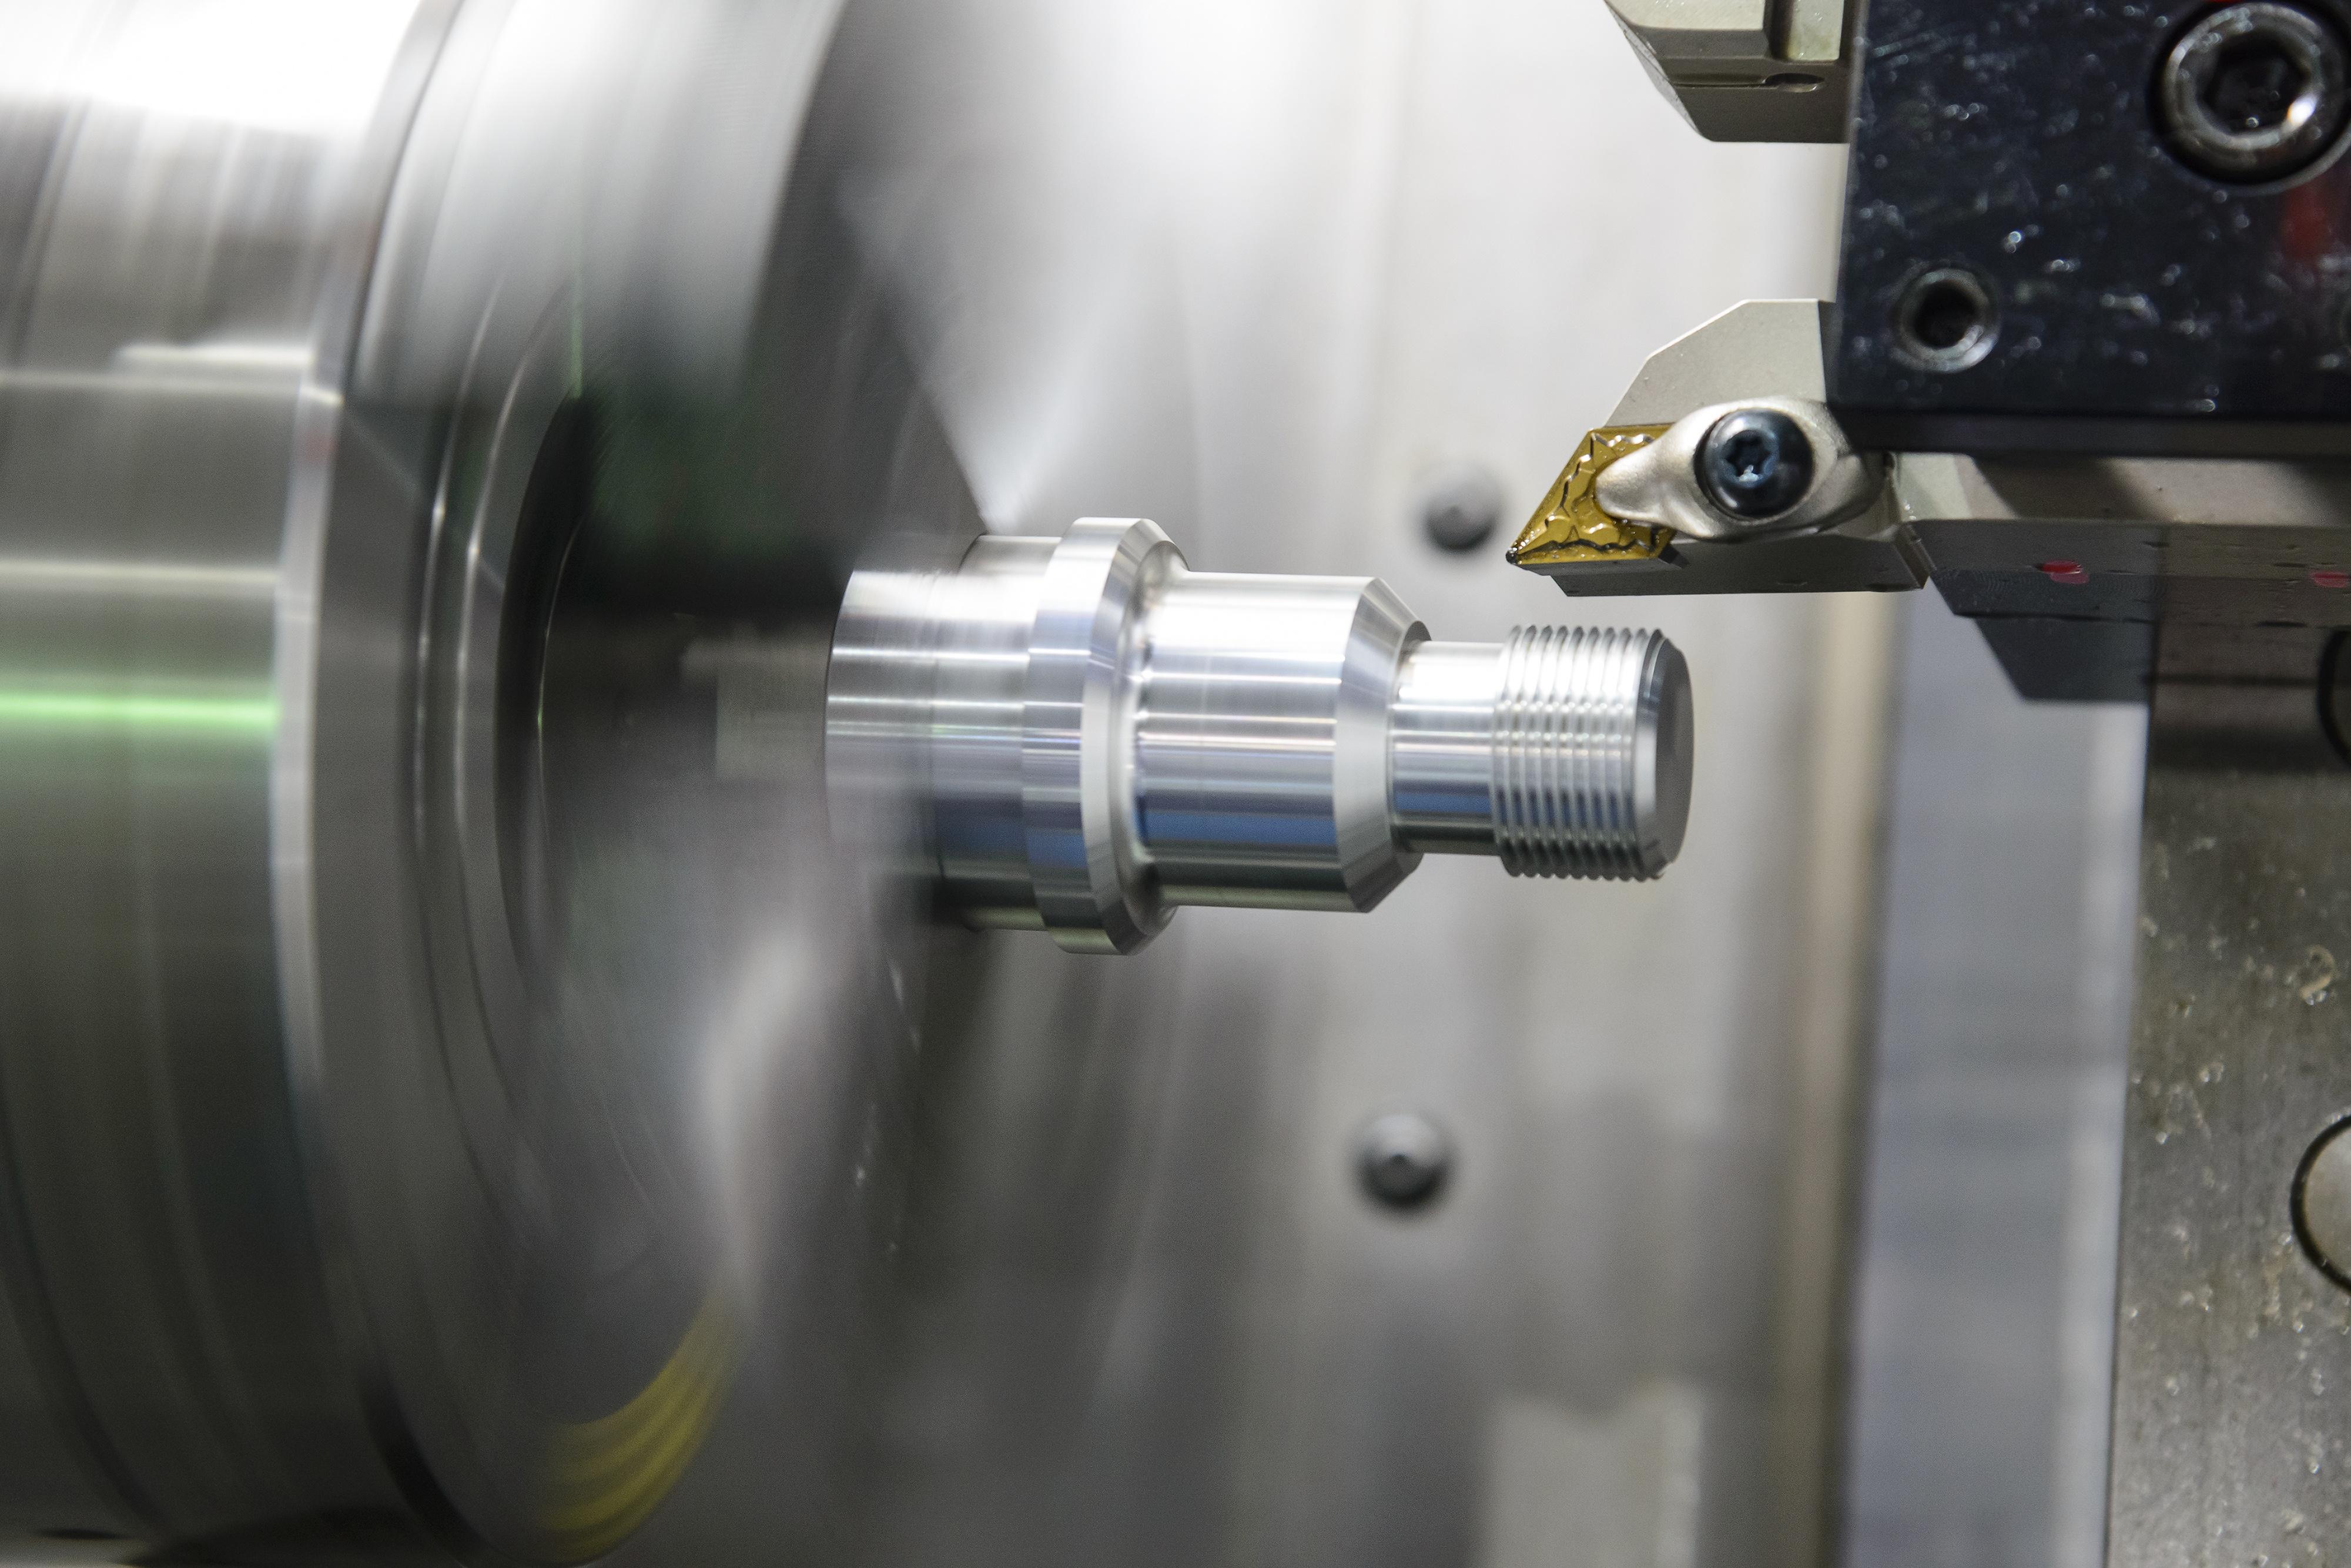 CNC Lathe - What CNC Machine Shops Do - Turning